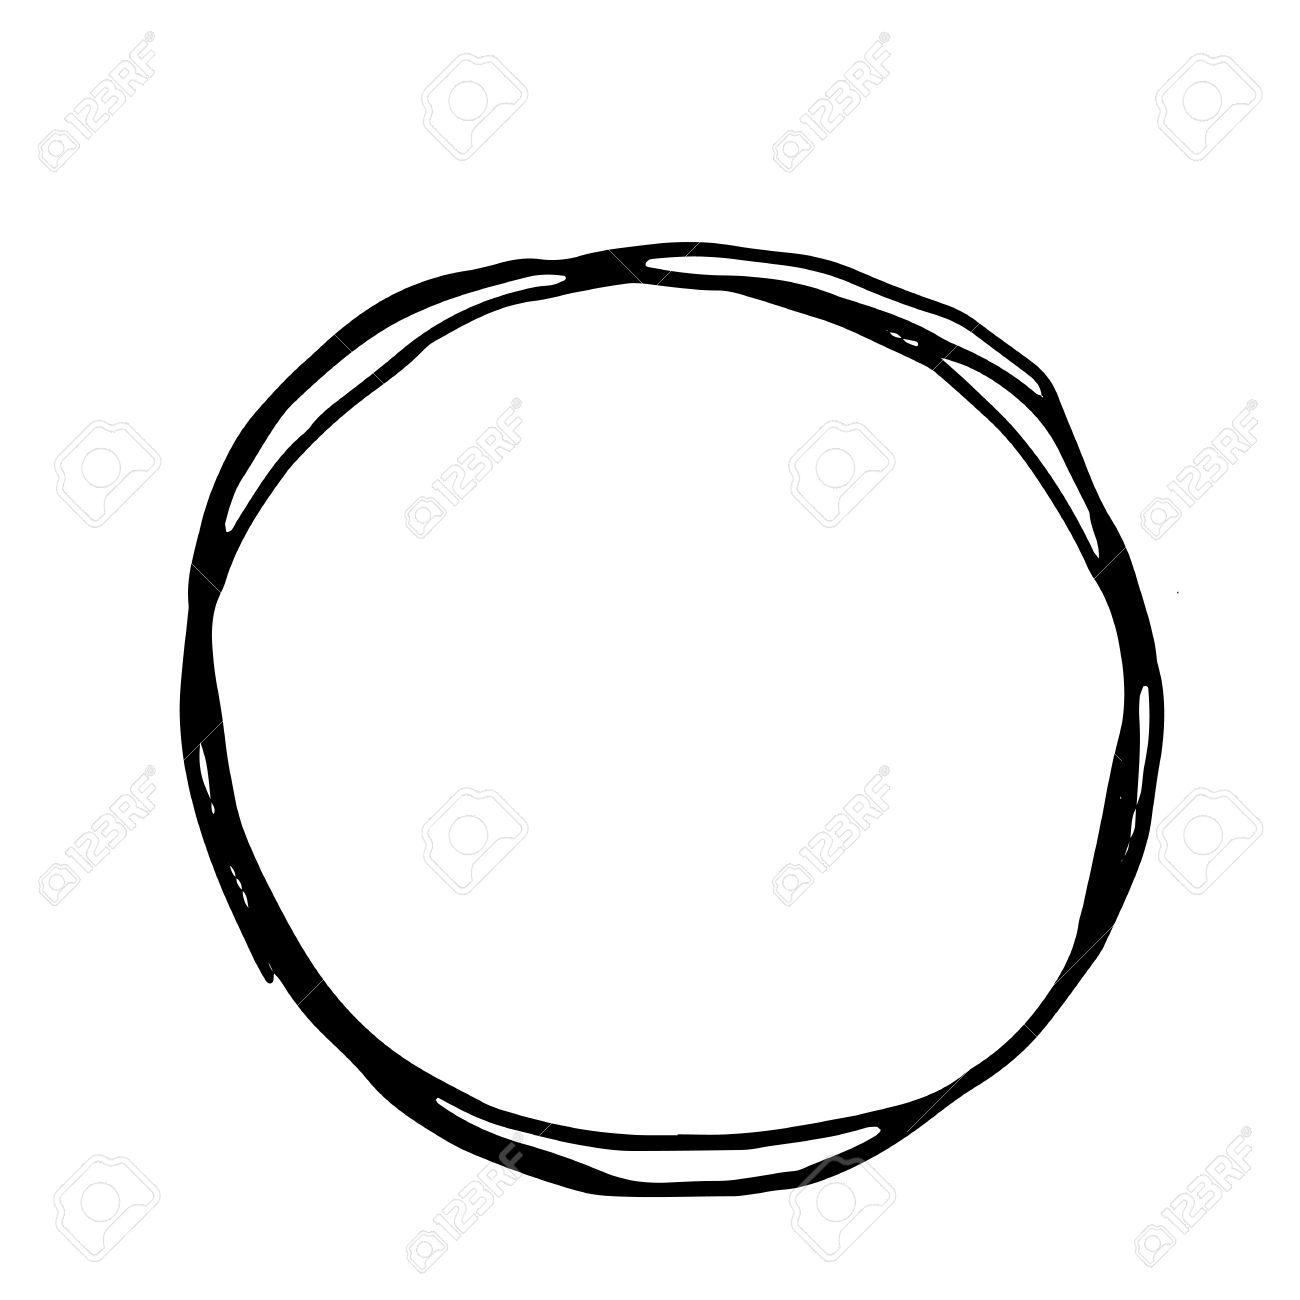 1300x1300 Circle Clipart Hand Drawn